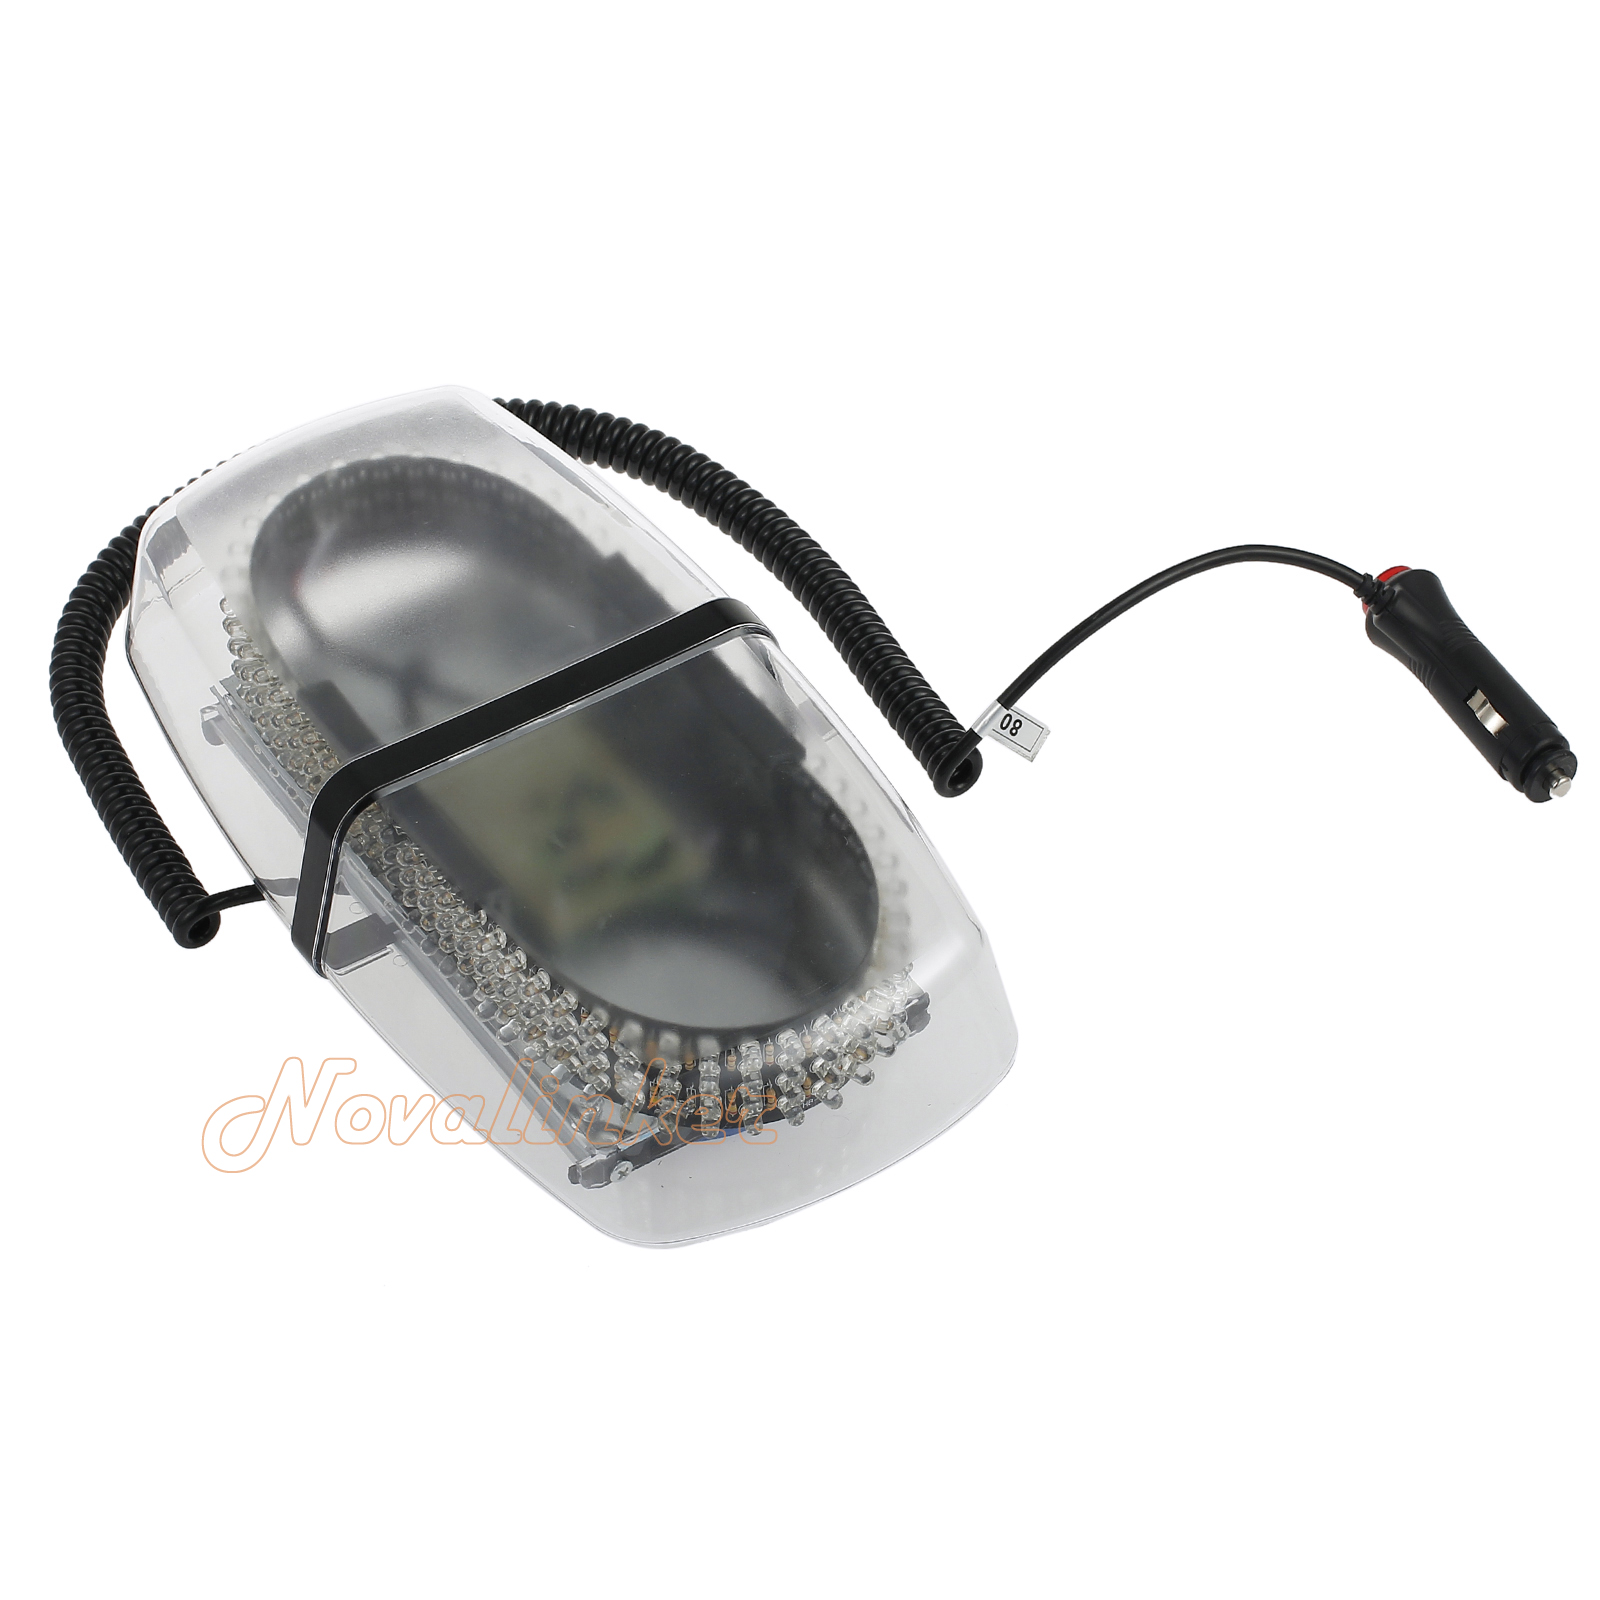 LED Warning Light Emergency Strobe Flashing Lamp 240 LED ...